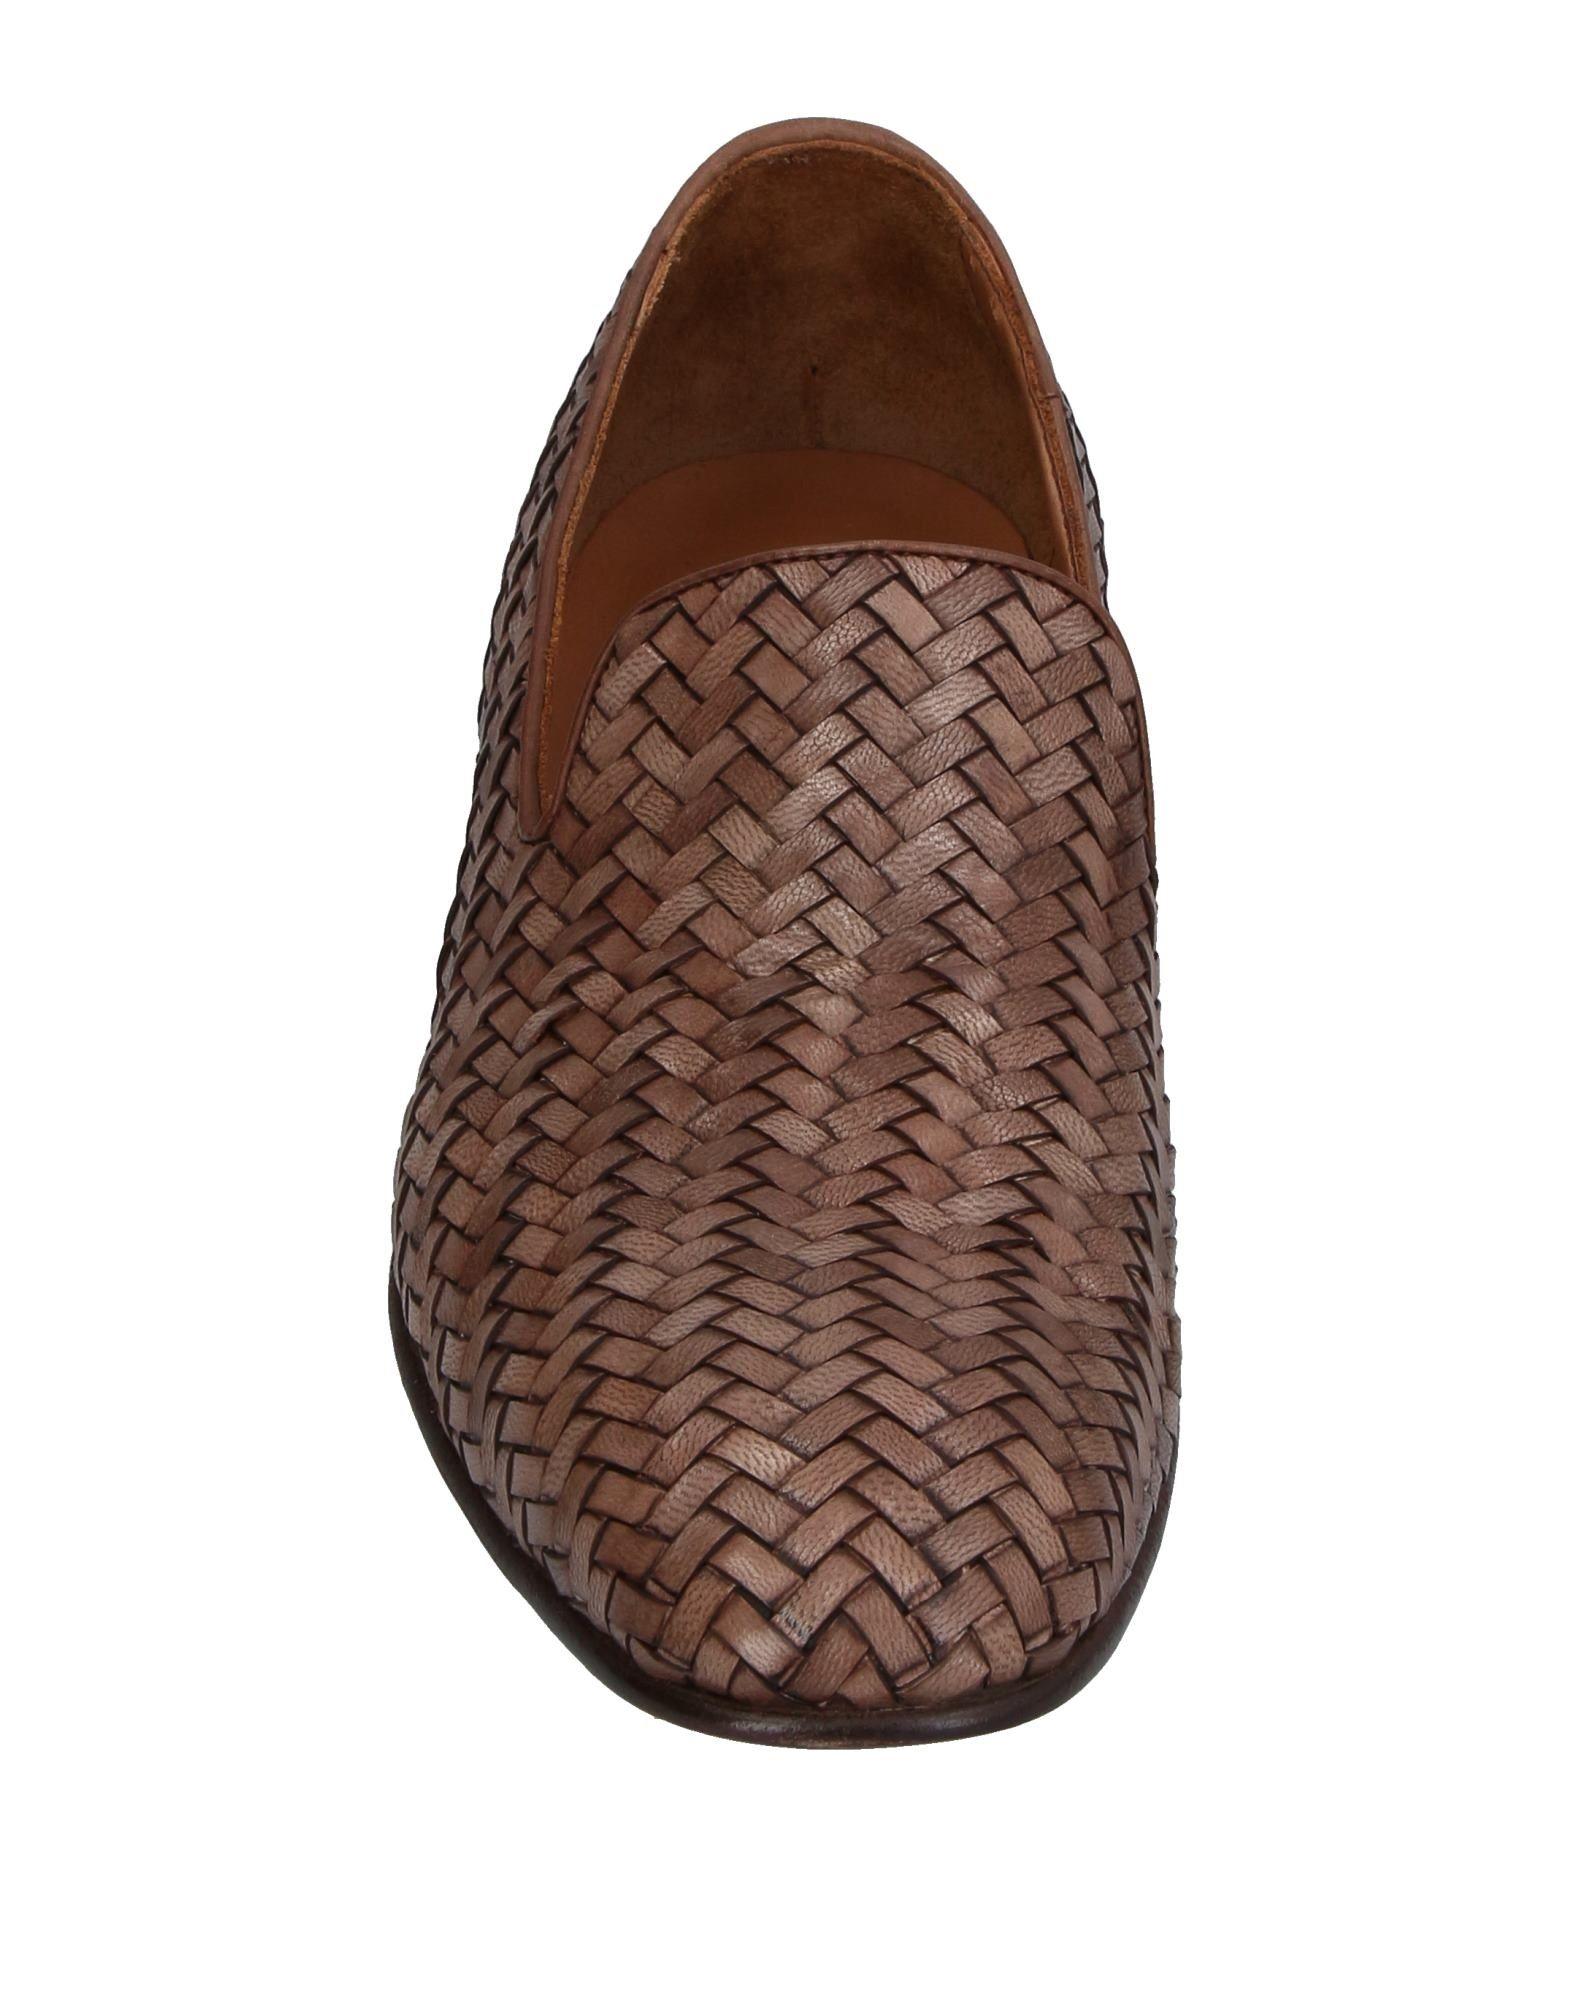 Migliore Heiße Mokassins Herren  11409552DT Heiße Migliore Schuhe e0c86b